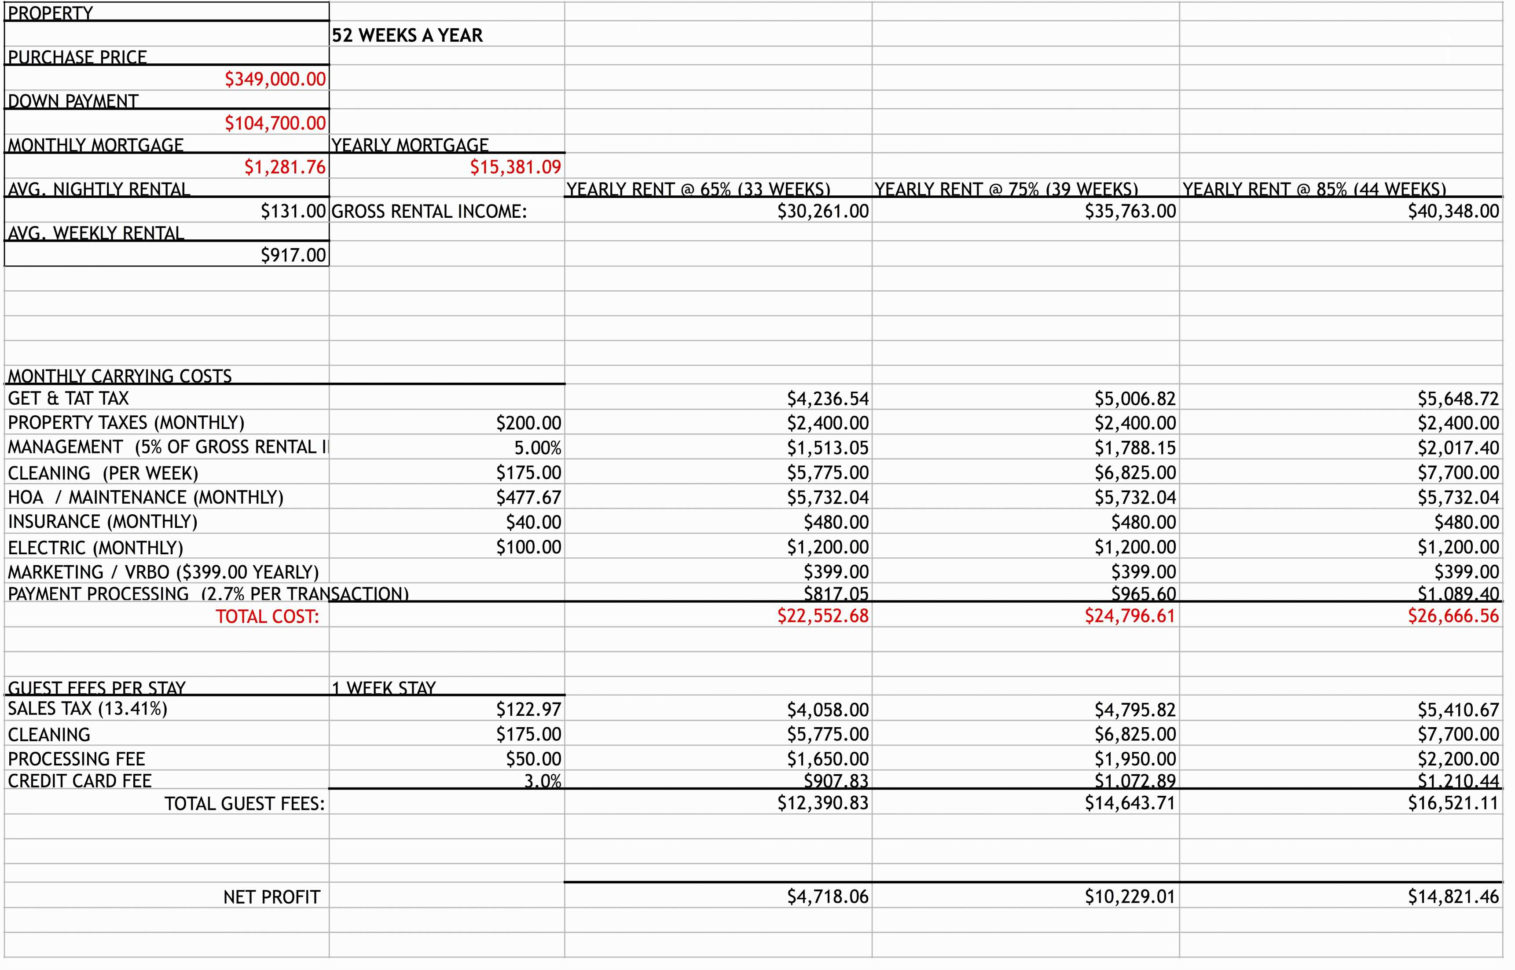 Roi Spreadsheet Pertaining To Real Estate Investment Spreadsheet Templates Free With Roi Plus